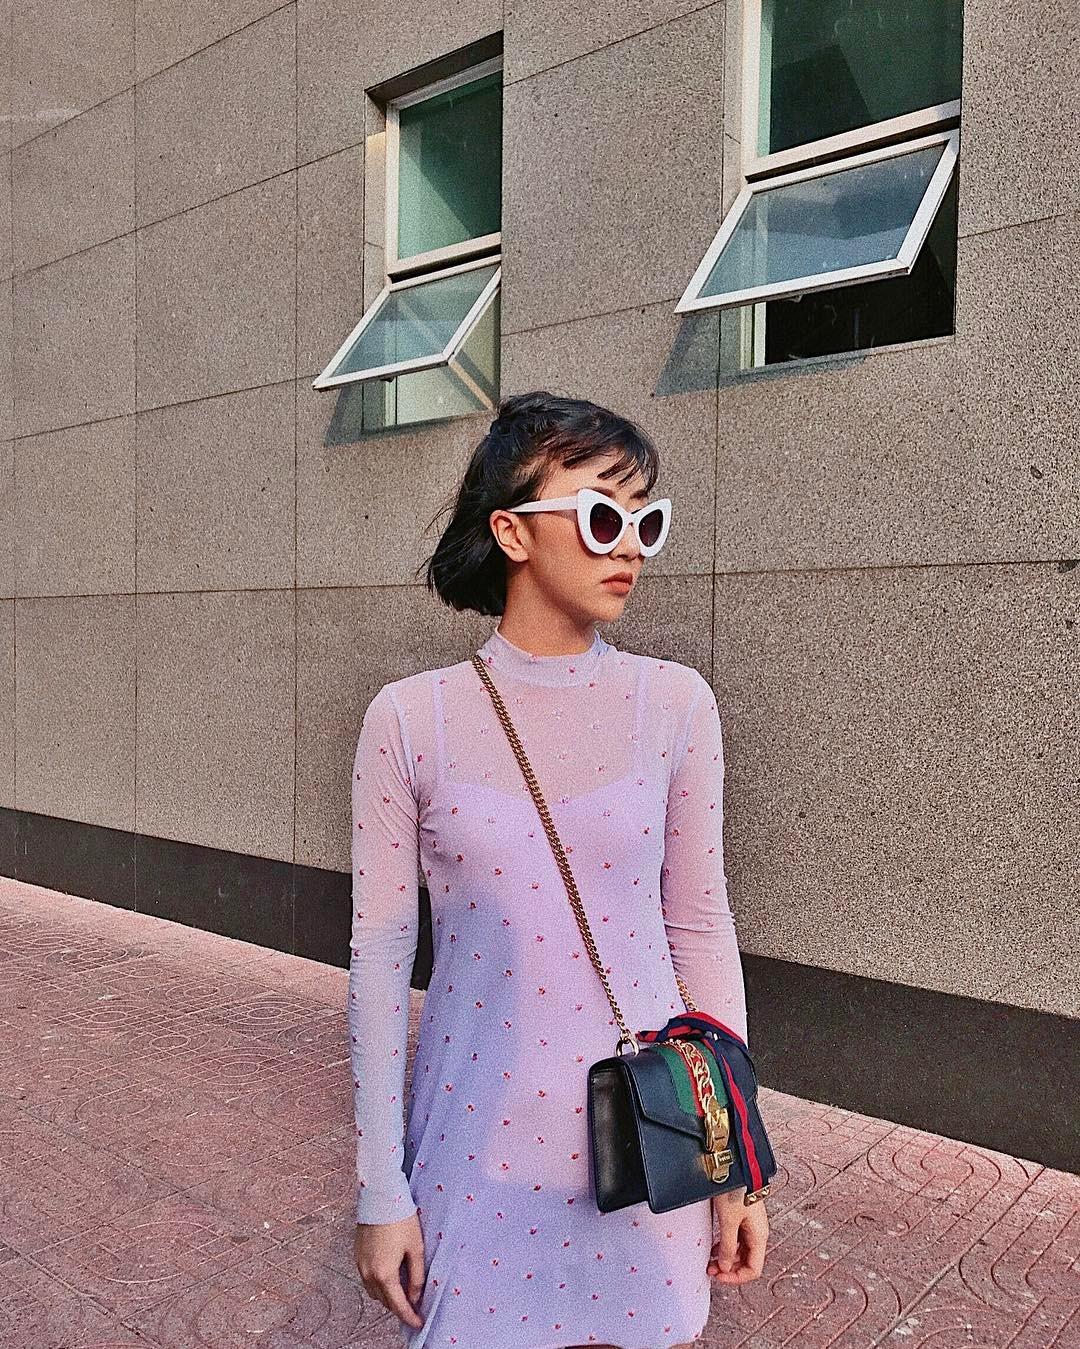 Sao Trẻ: Một năm đổi kiểu tóc chục lần nhưng Quỳnh Anh Shyn để kiểu nào cũng hợp vô cùng